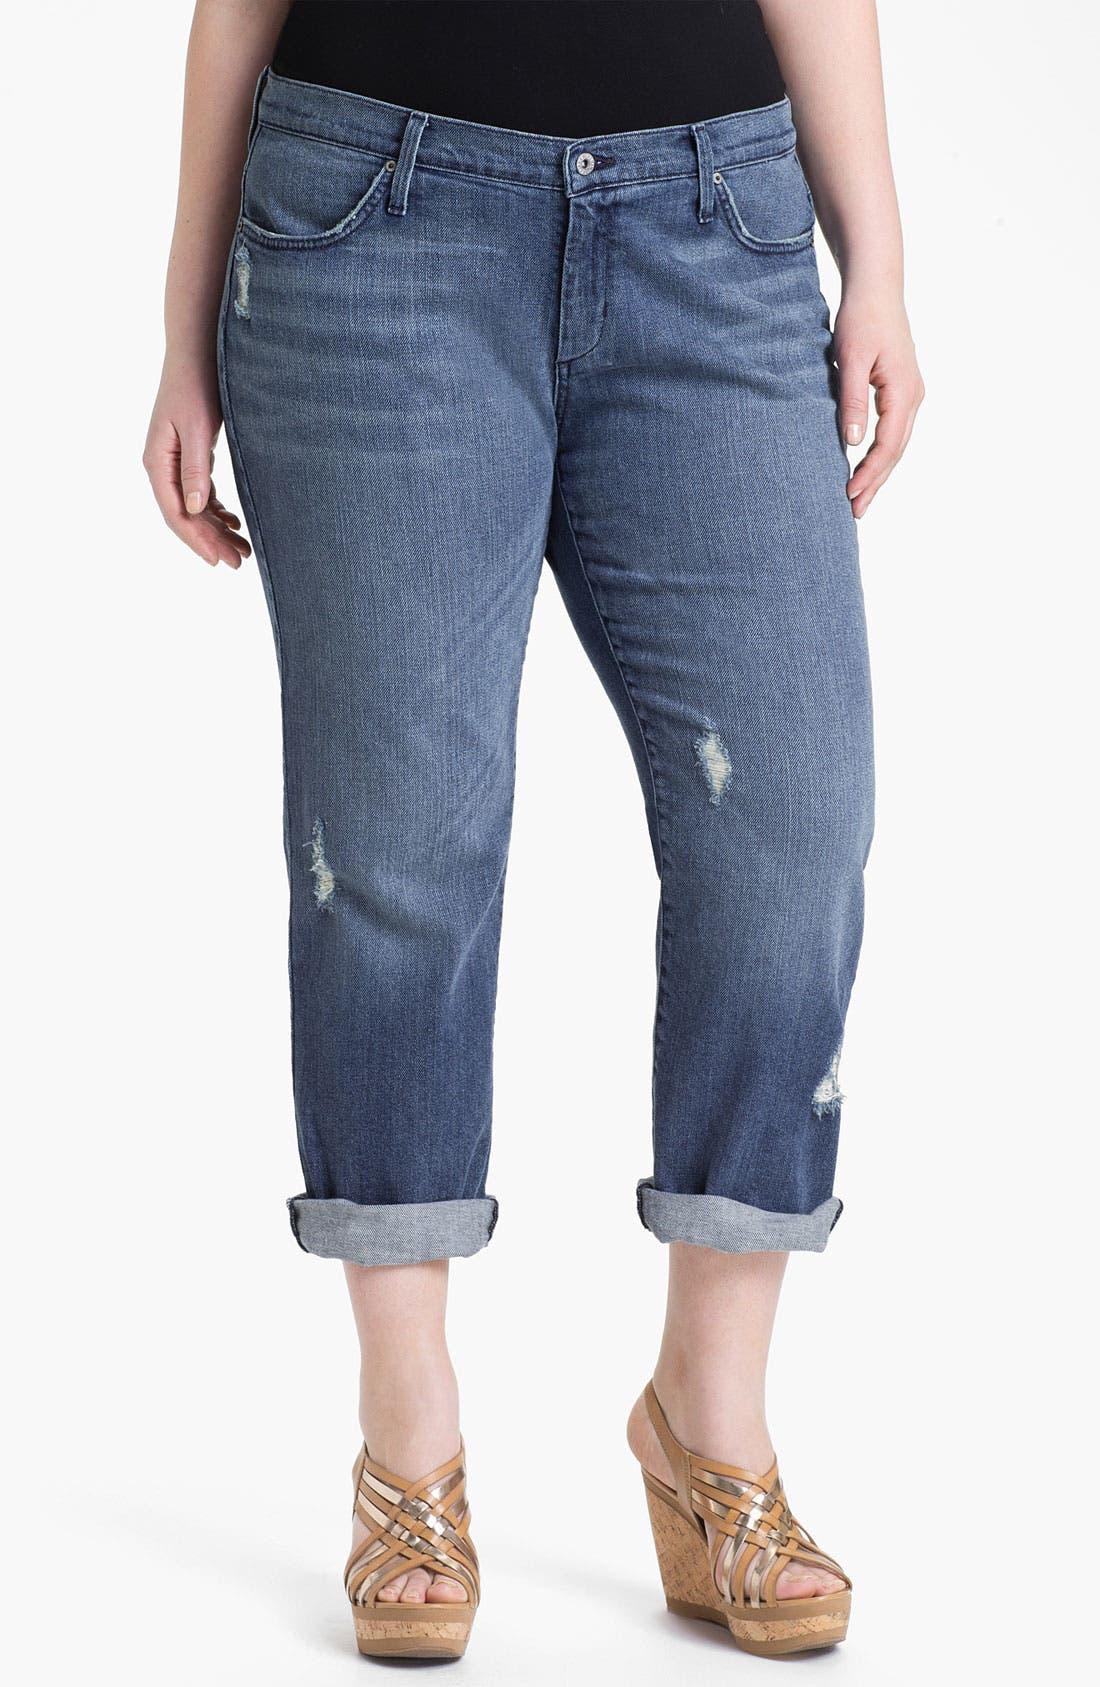 Main Image - James Jeans Straight Leg Jeans (Gossip) (Plus Size)